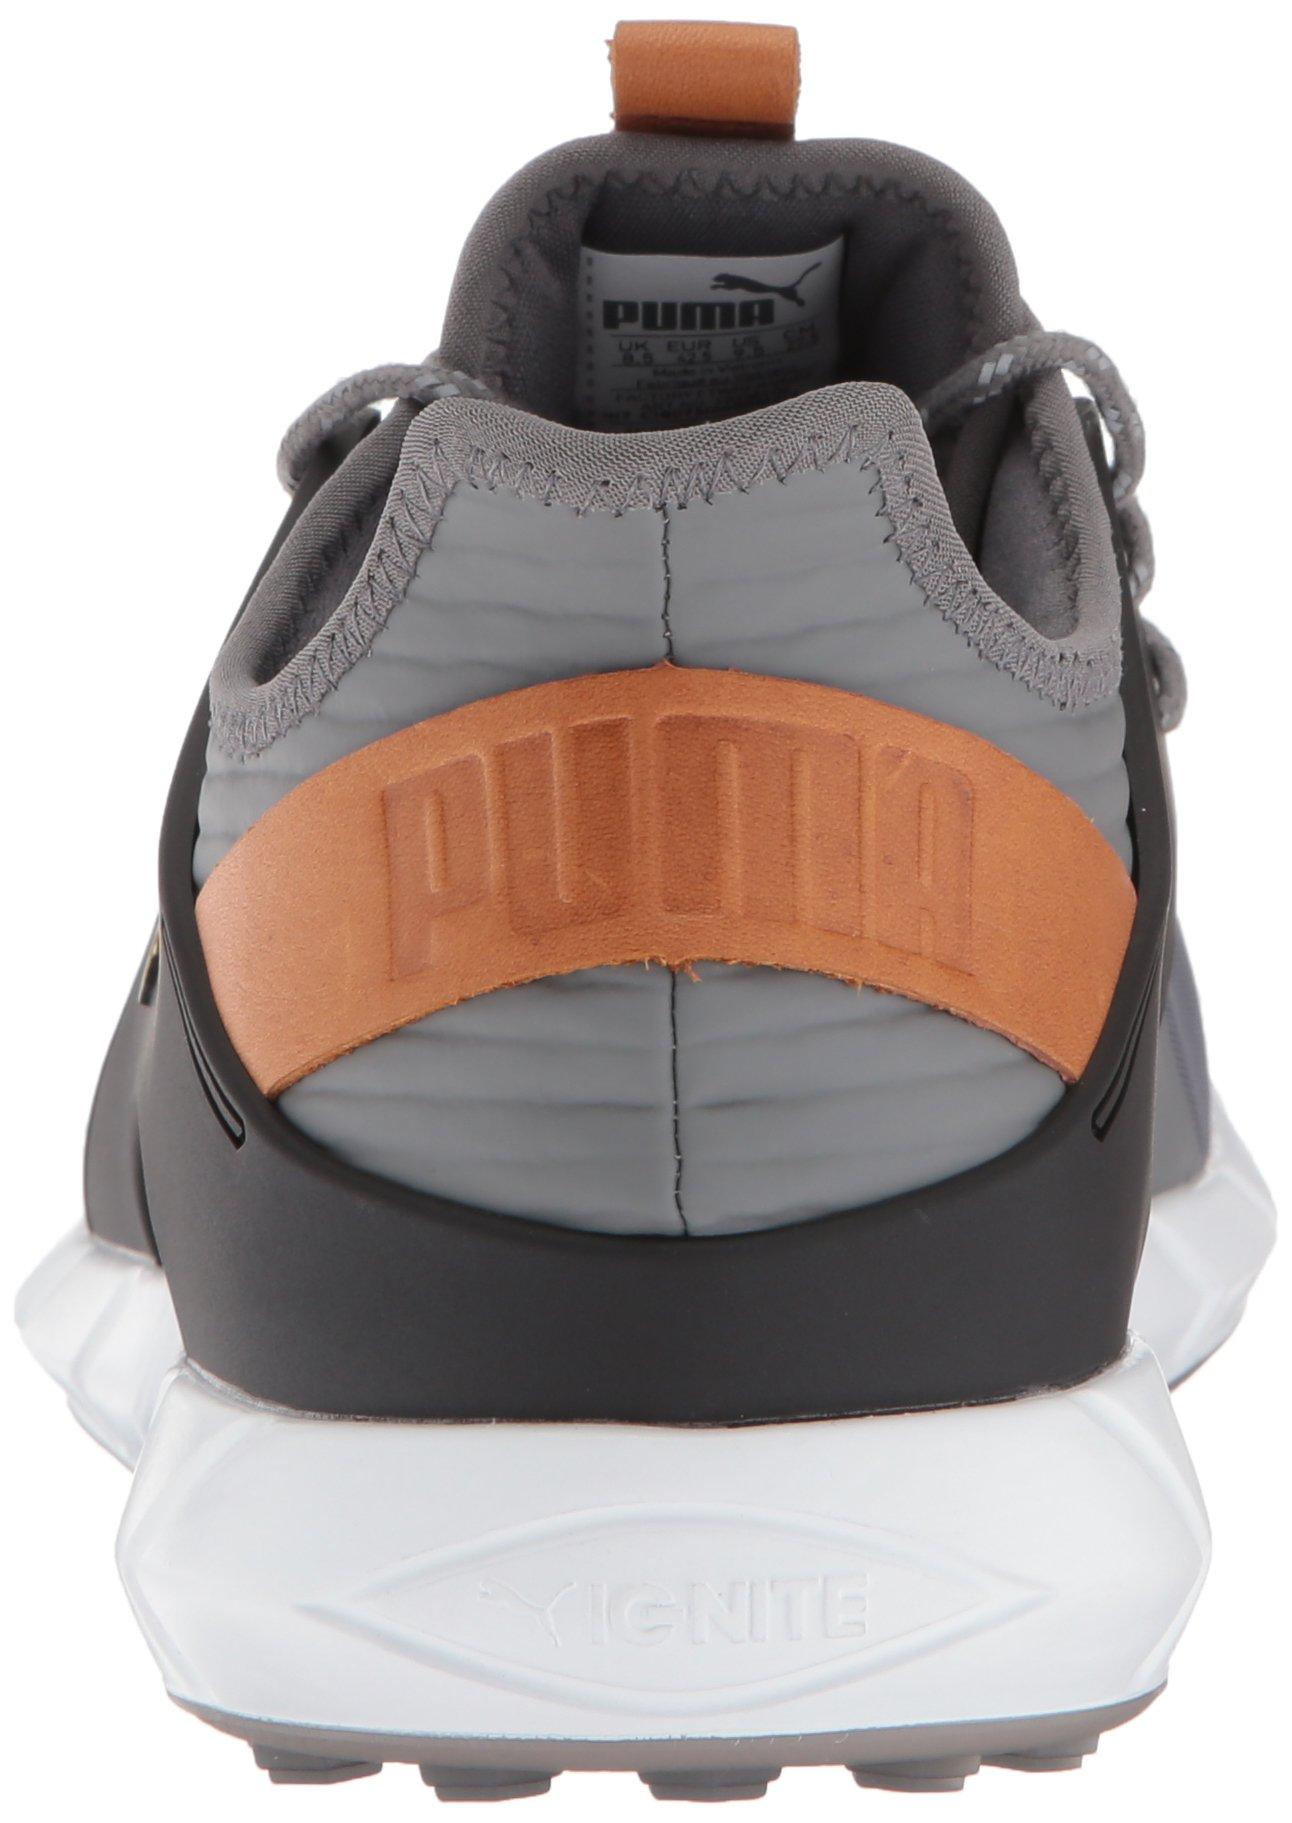 6074e553327ce Puma Men's Ignite Pwrsport Golf Shoe   Amazon